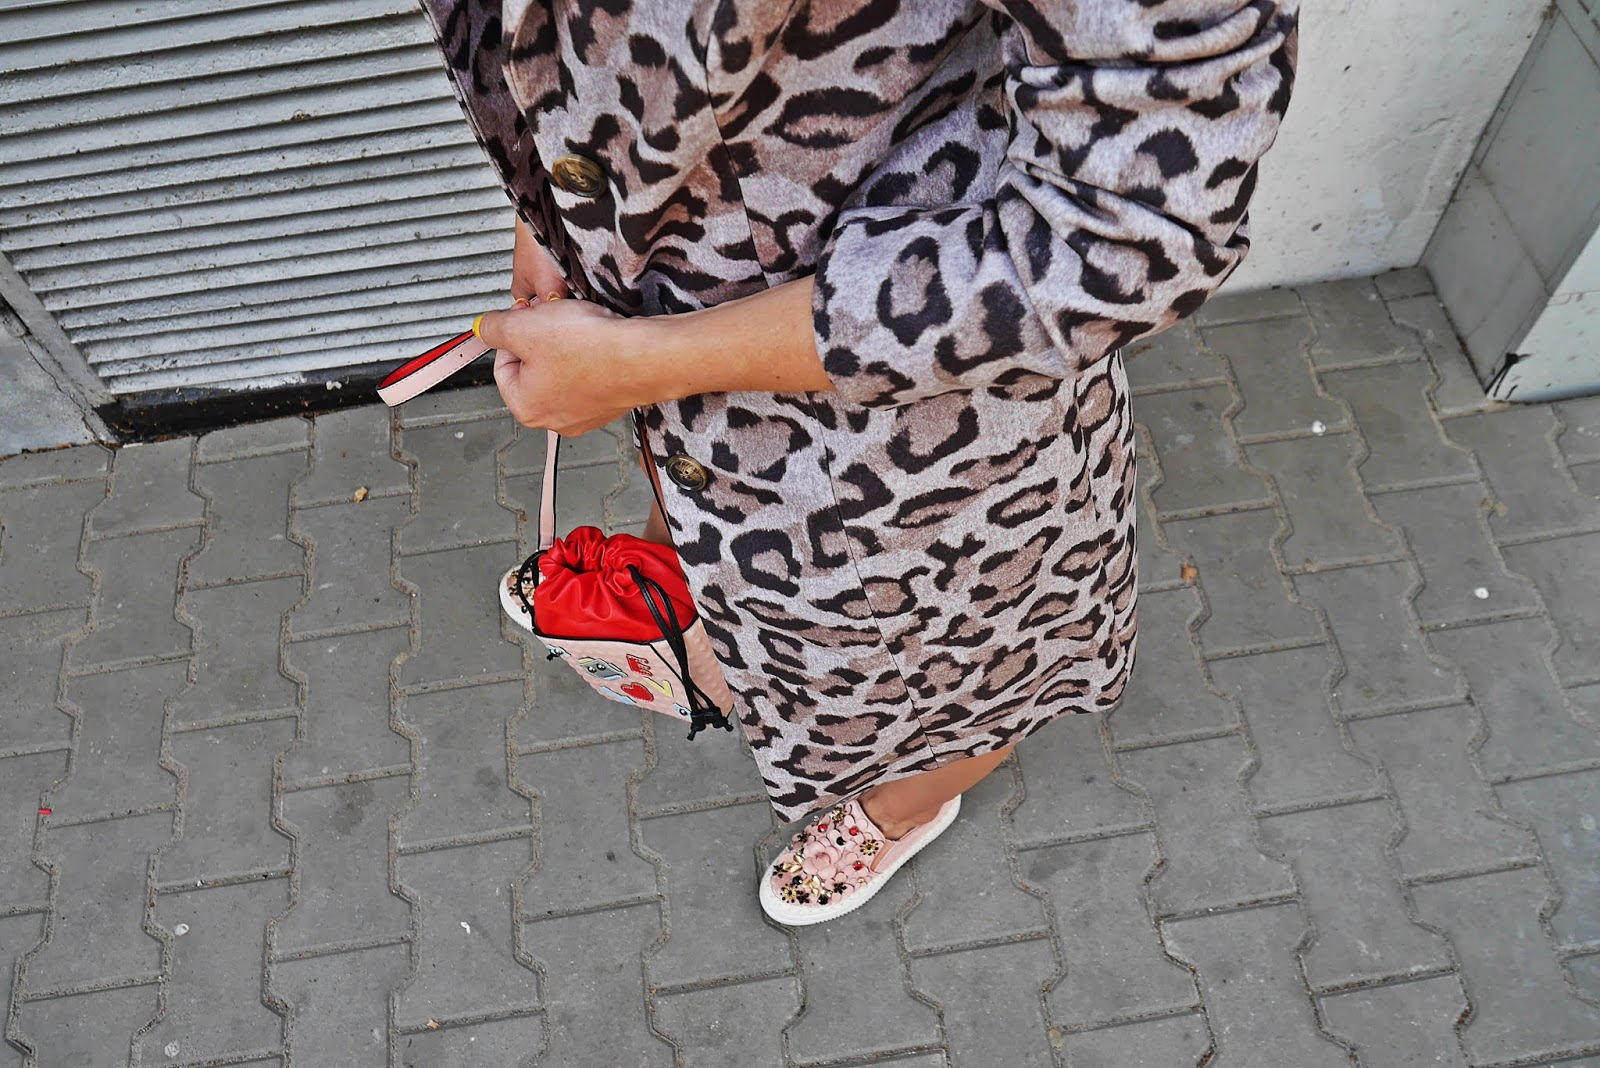 szary płaszcz w panterkę bonprix karyn blog modowy